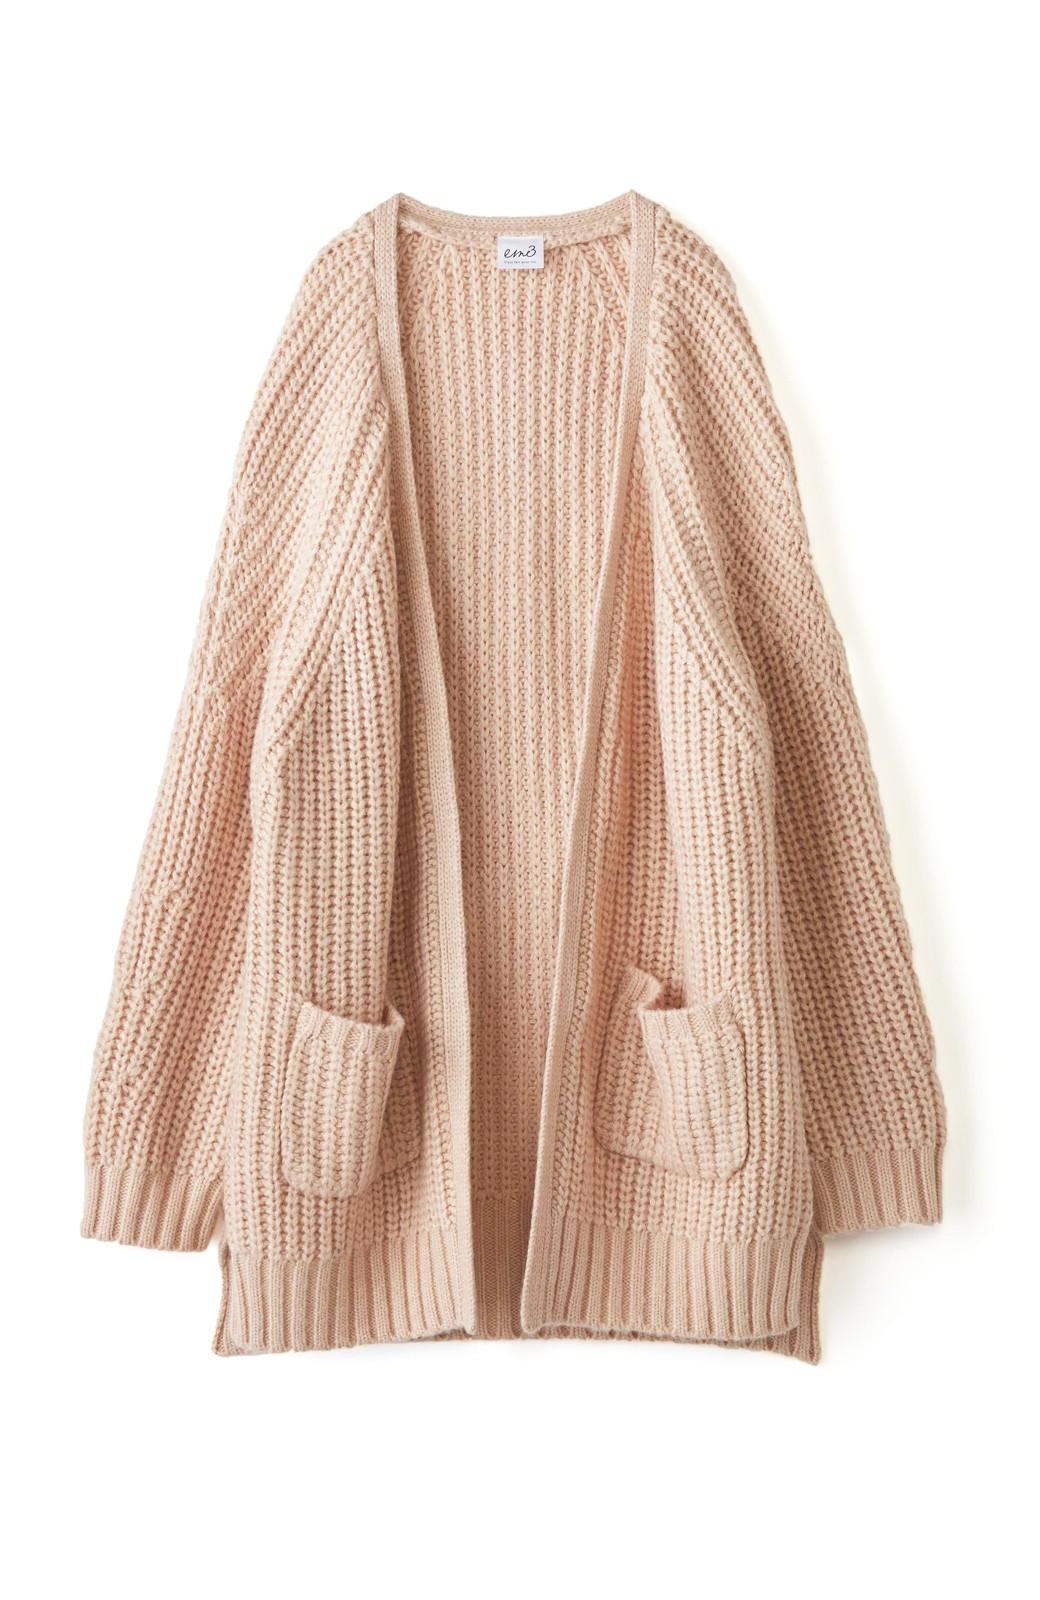 エムトロワ ぱっと羽織るのに便利なざっくり編みカーディガン <ライトベージュ>の商品写真2